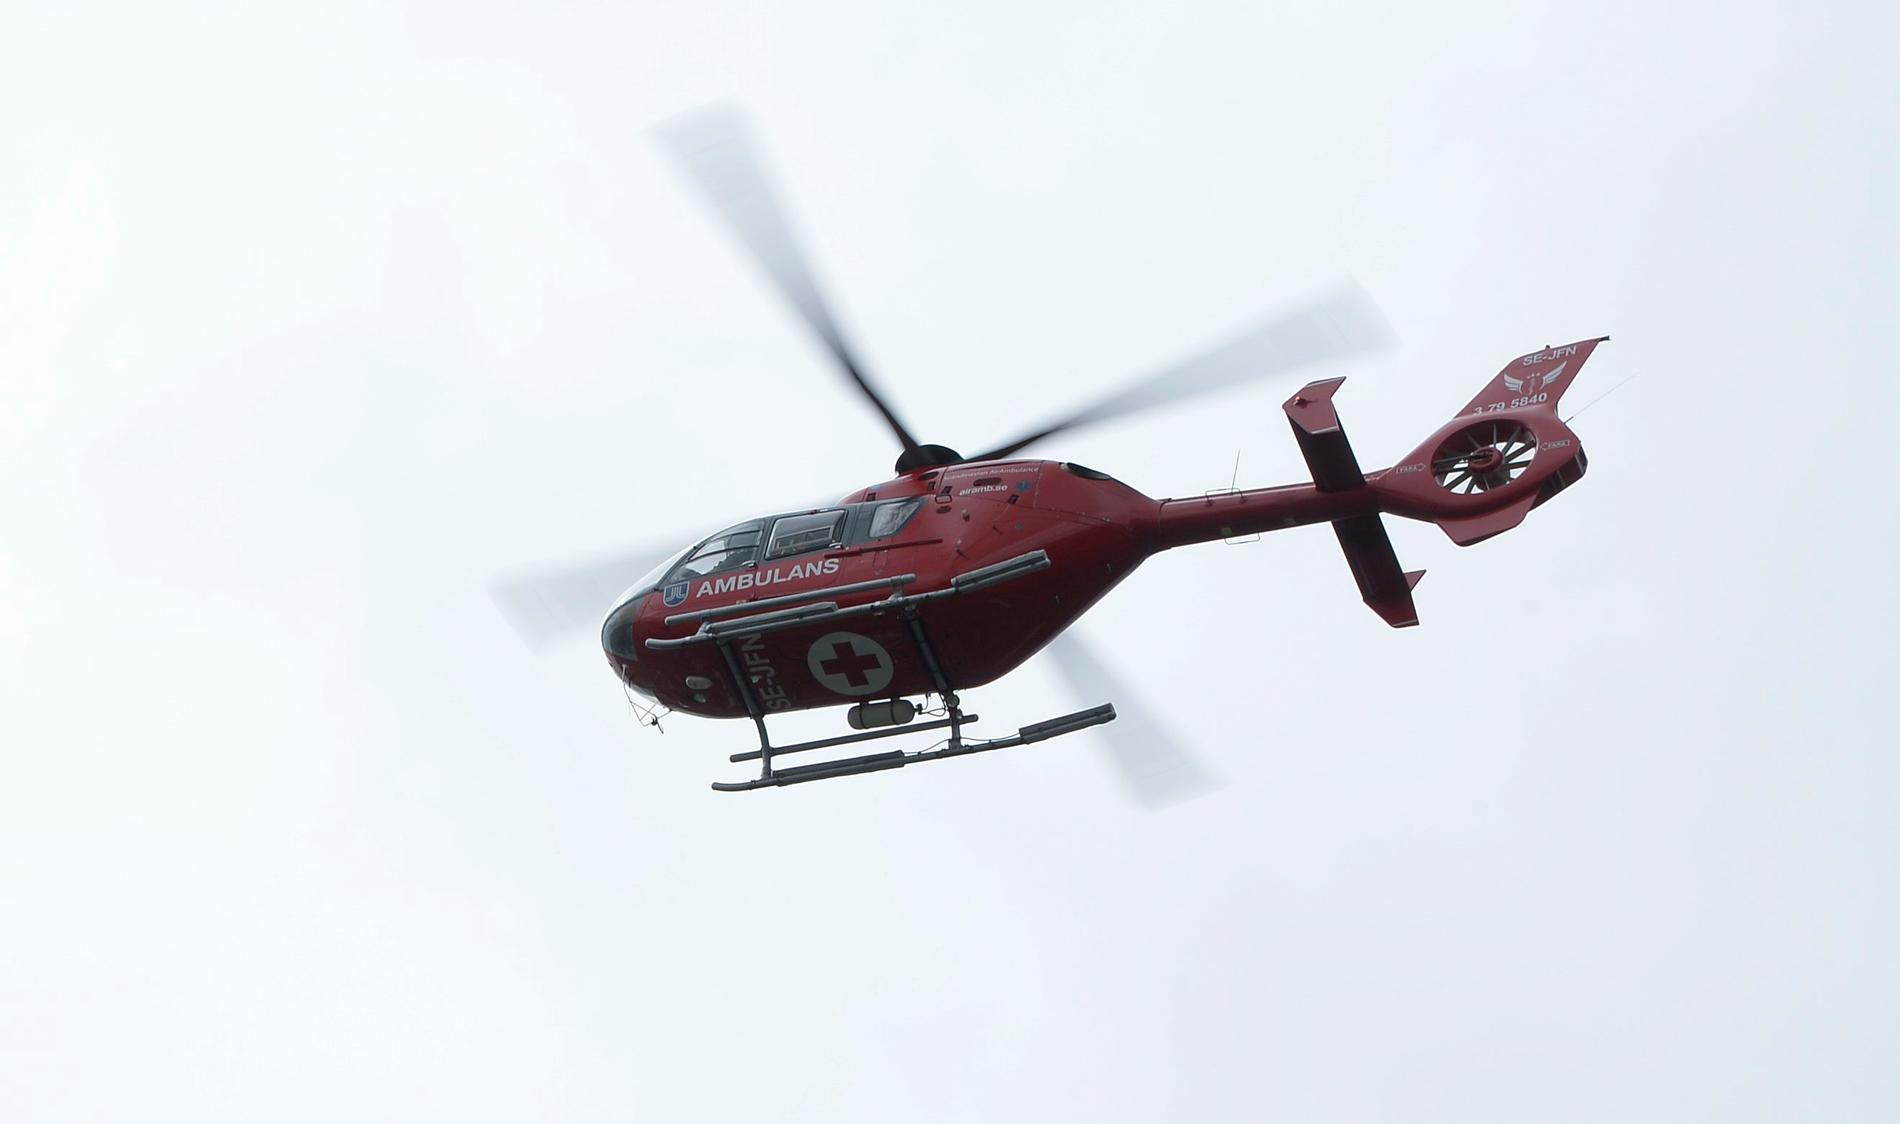 Mannen fick föras till sjukhus i ambulanshelikopter. Arkivbild.